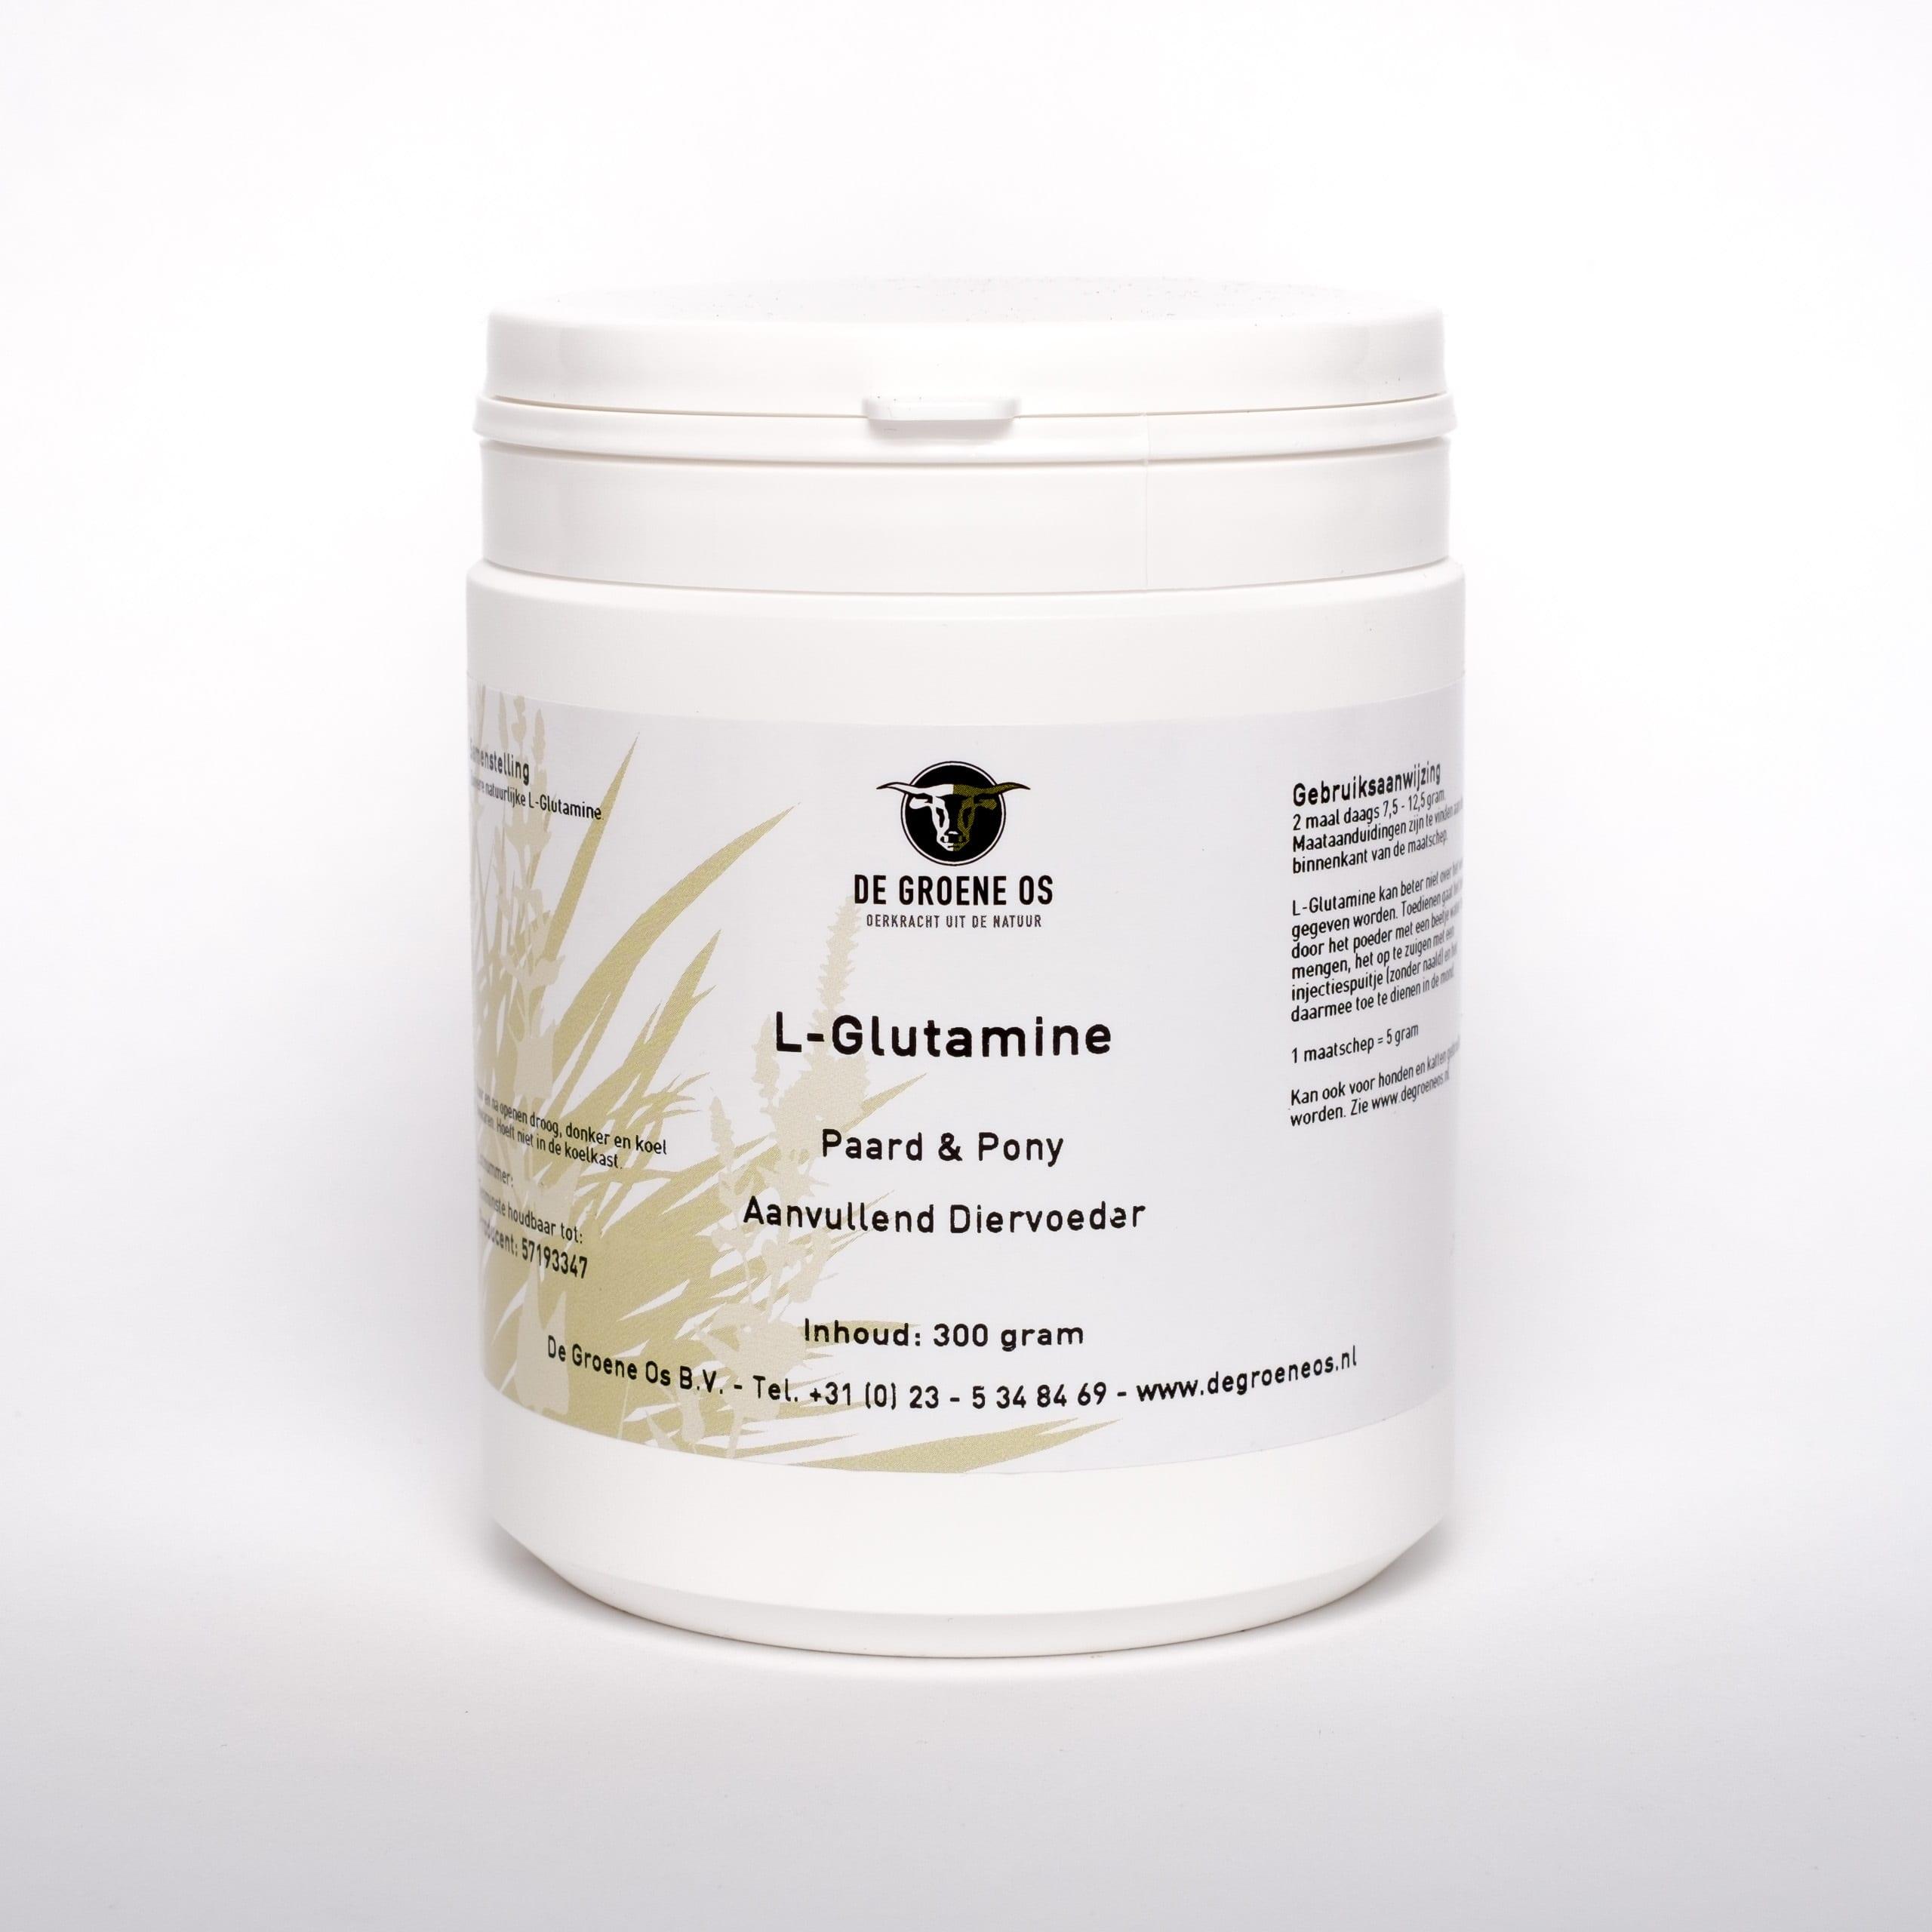 L-Glutamine PP